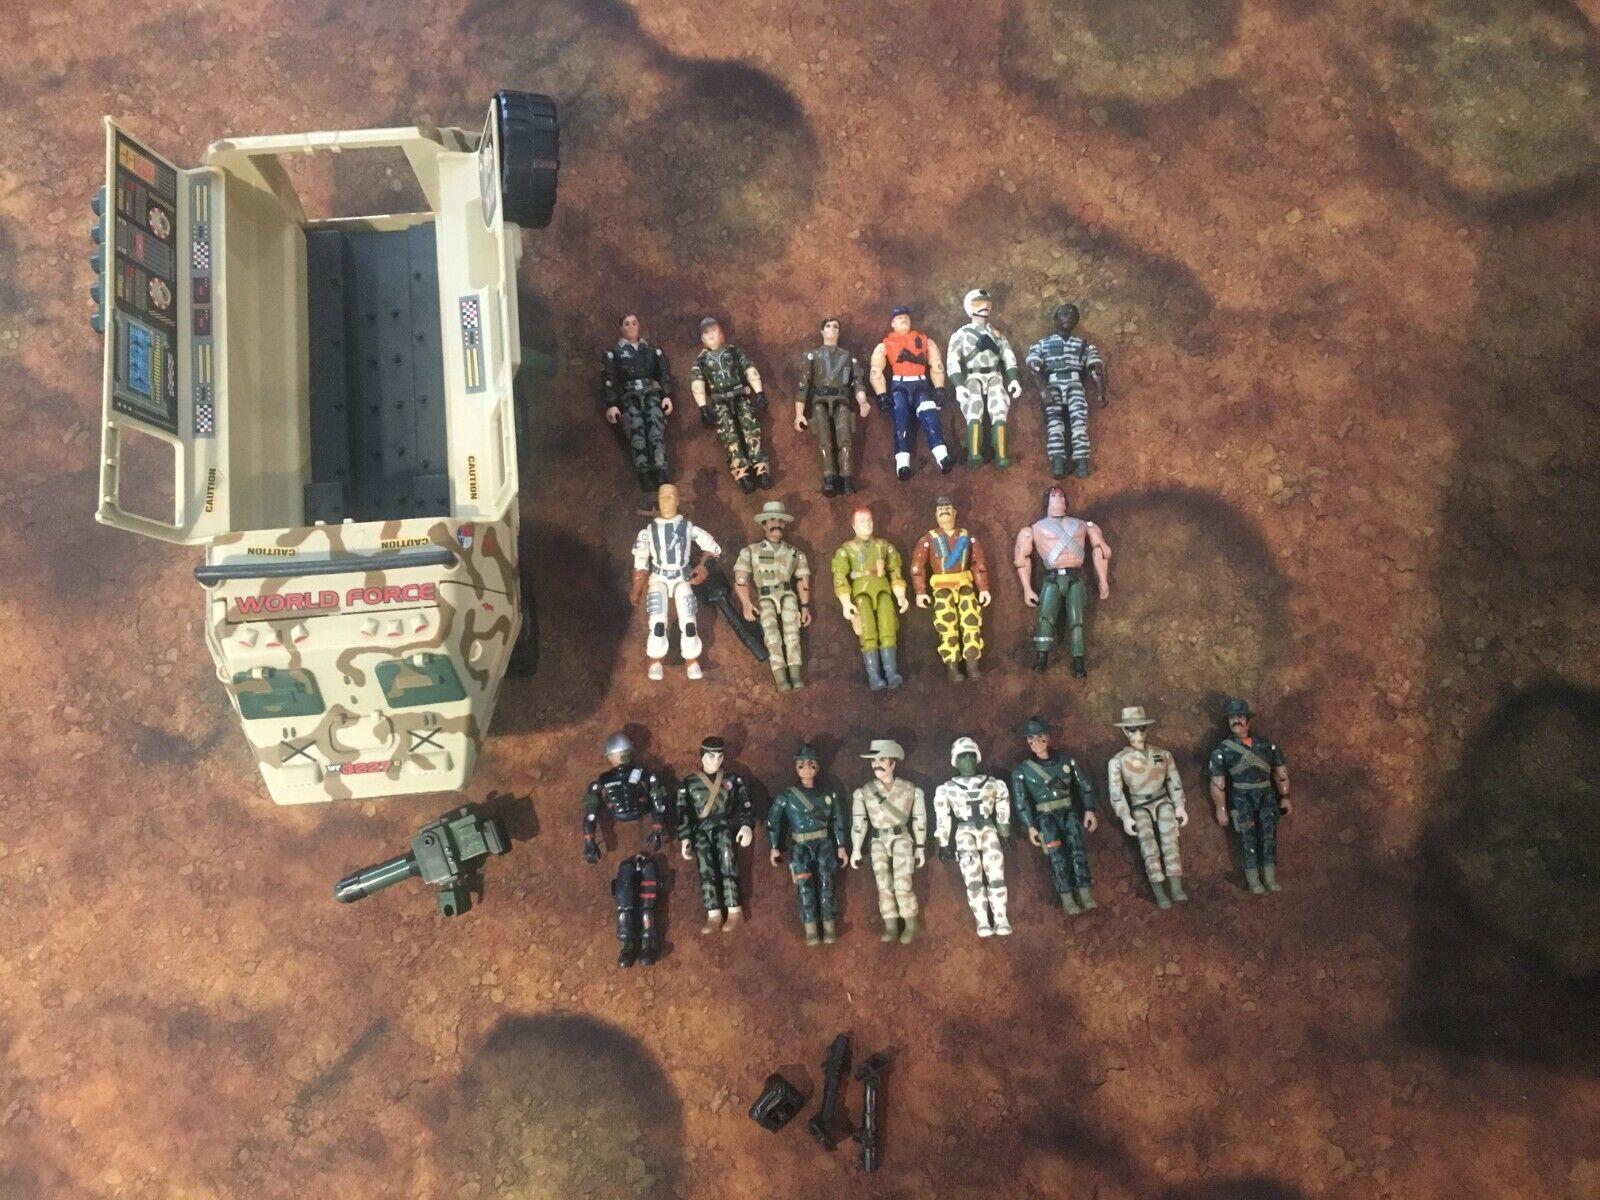 Los juguetes de la Legión, los Cocheros y los soldados.